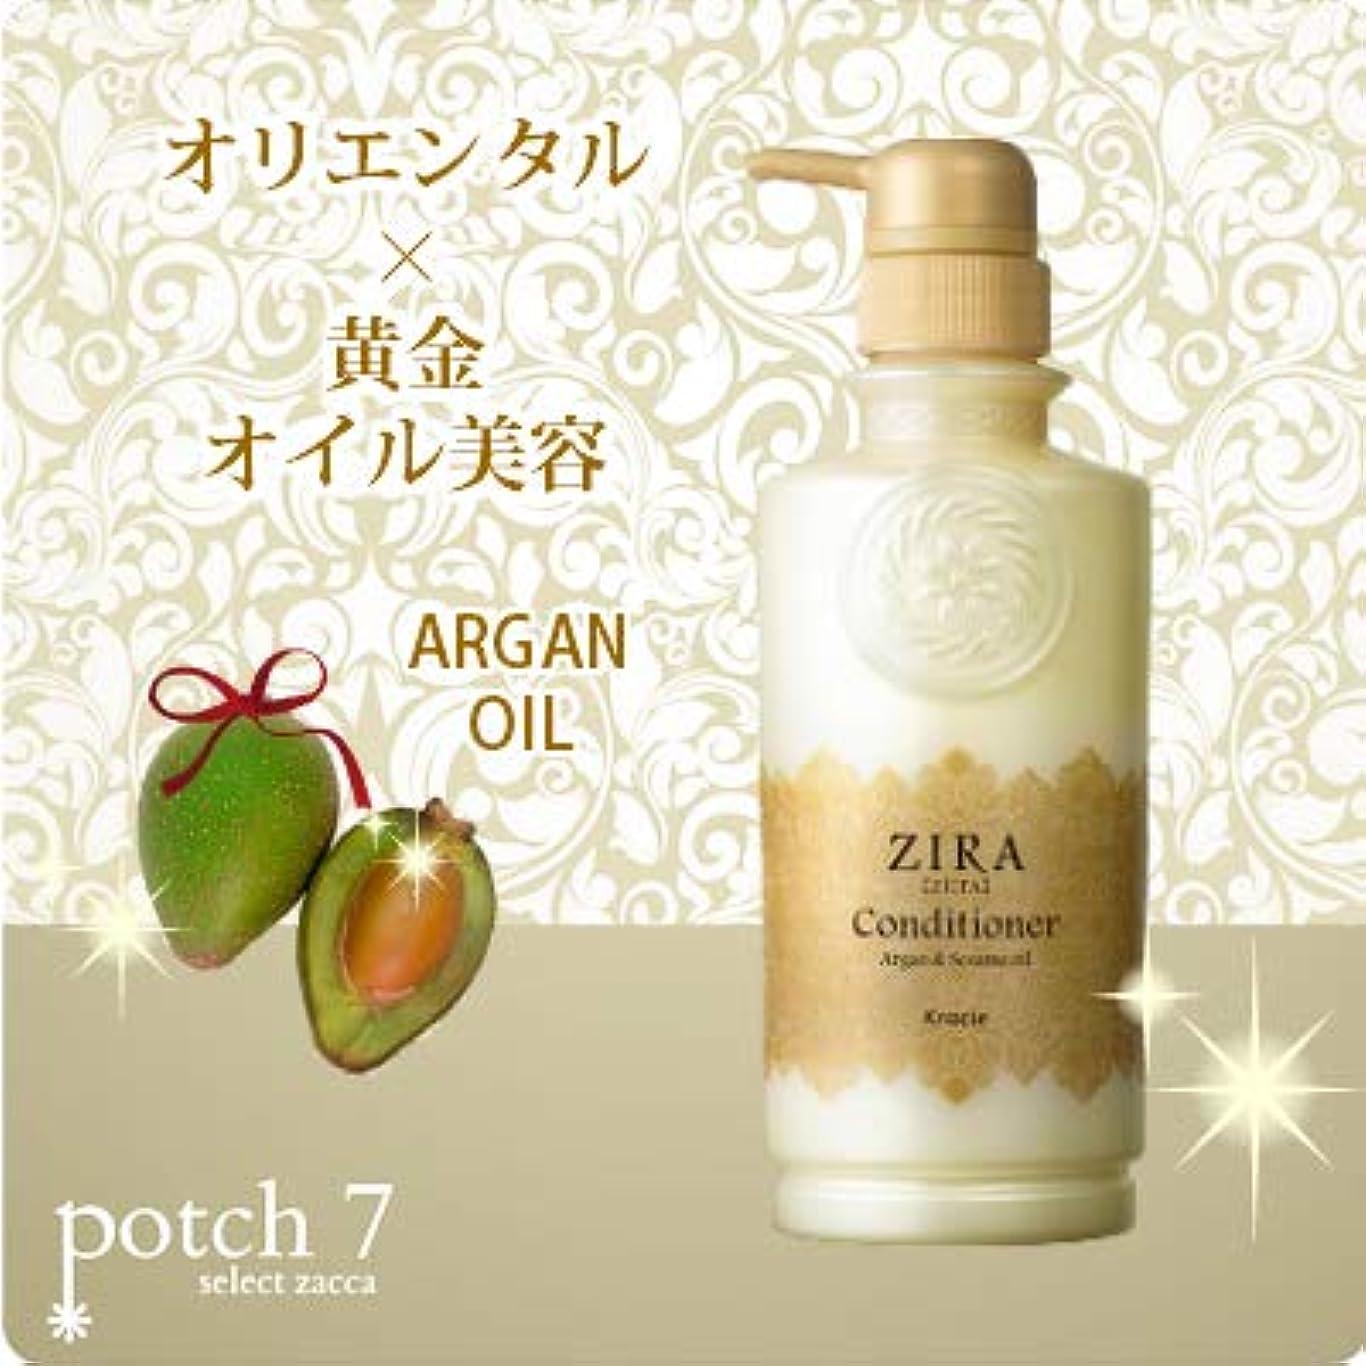 参加する適切に元気Kracie クラシエ ZIRA ジーラ コンディショナー 420ml オリエンタル美容